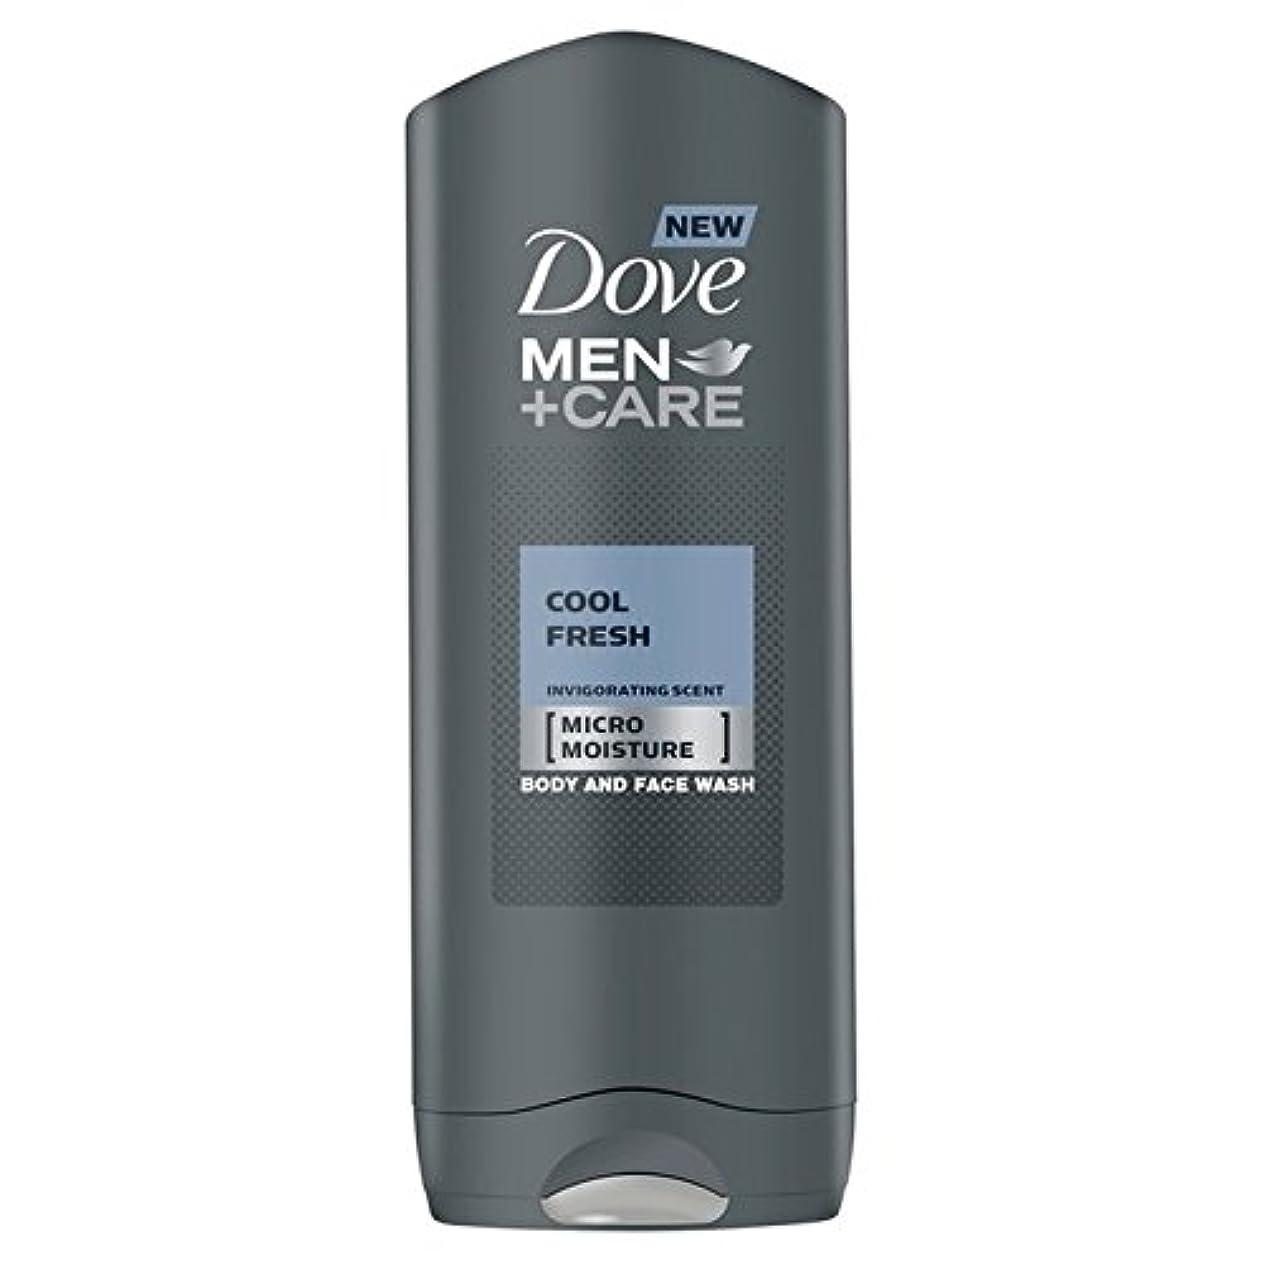 失敗影響するミッションクールフレッシュシャワージェル400ミリリットルケア+鳩の男性 x2 - Dove Men+Care Cool Fresh Shower Gel 400ml (Pack of 2) [並行輸入品]